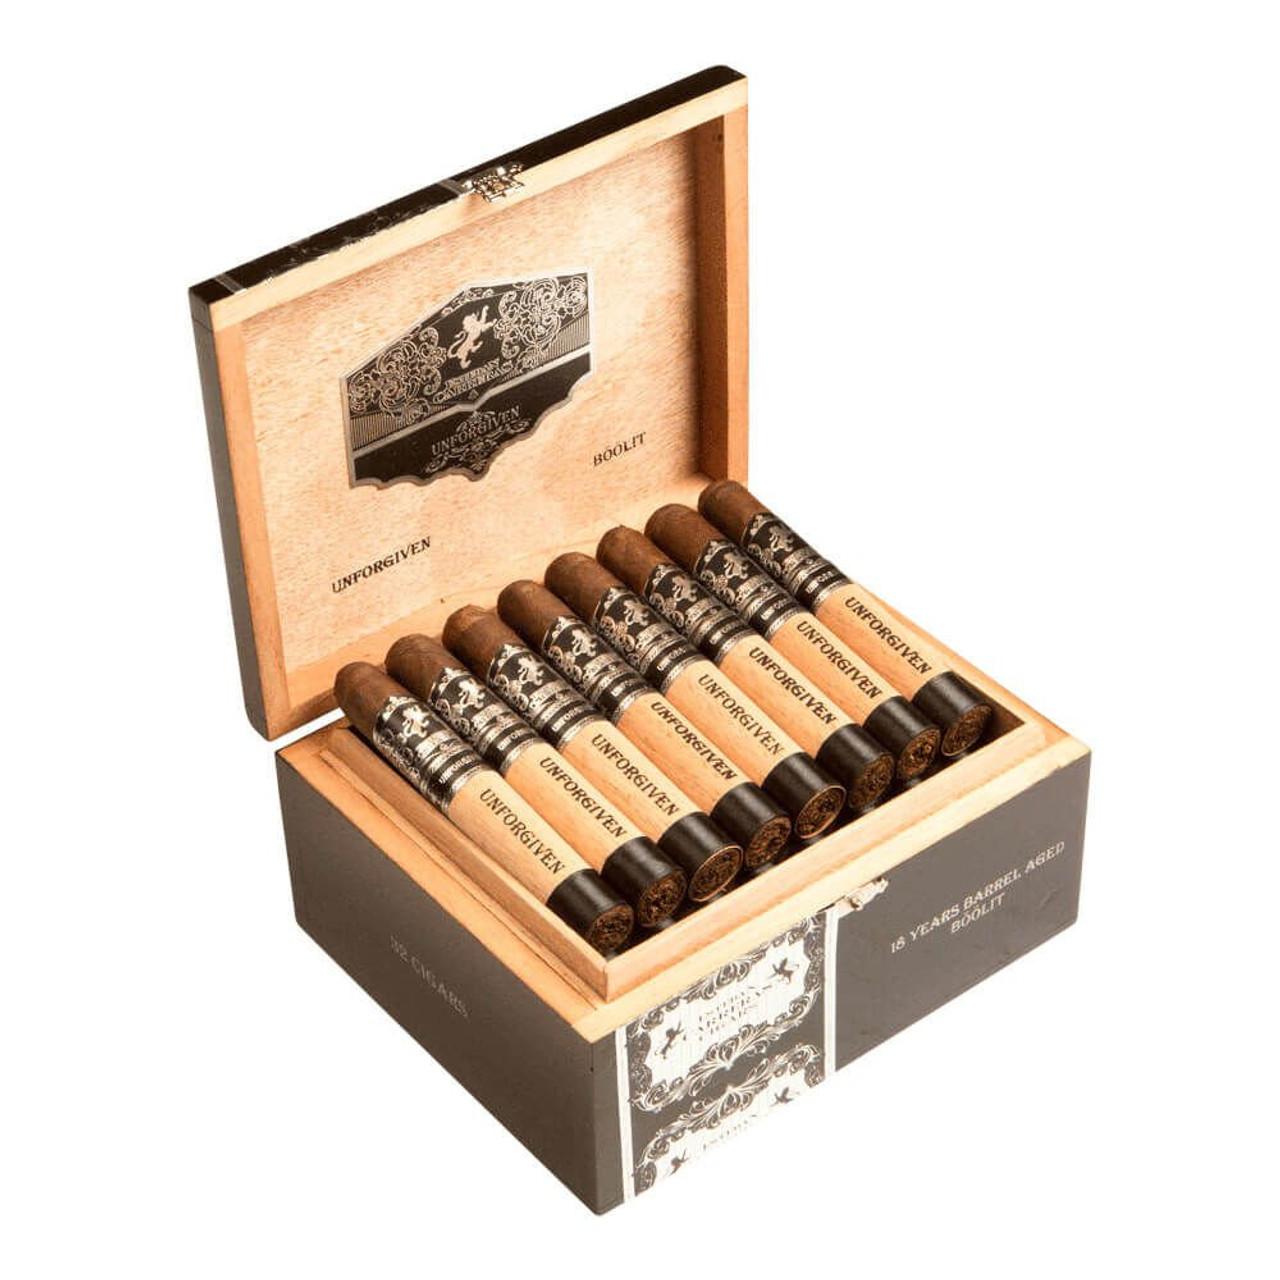 Esteban Carreras Unforgiven Presidents Own Cigars - 6 x 46 (Box of 24)